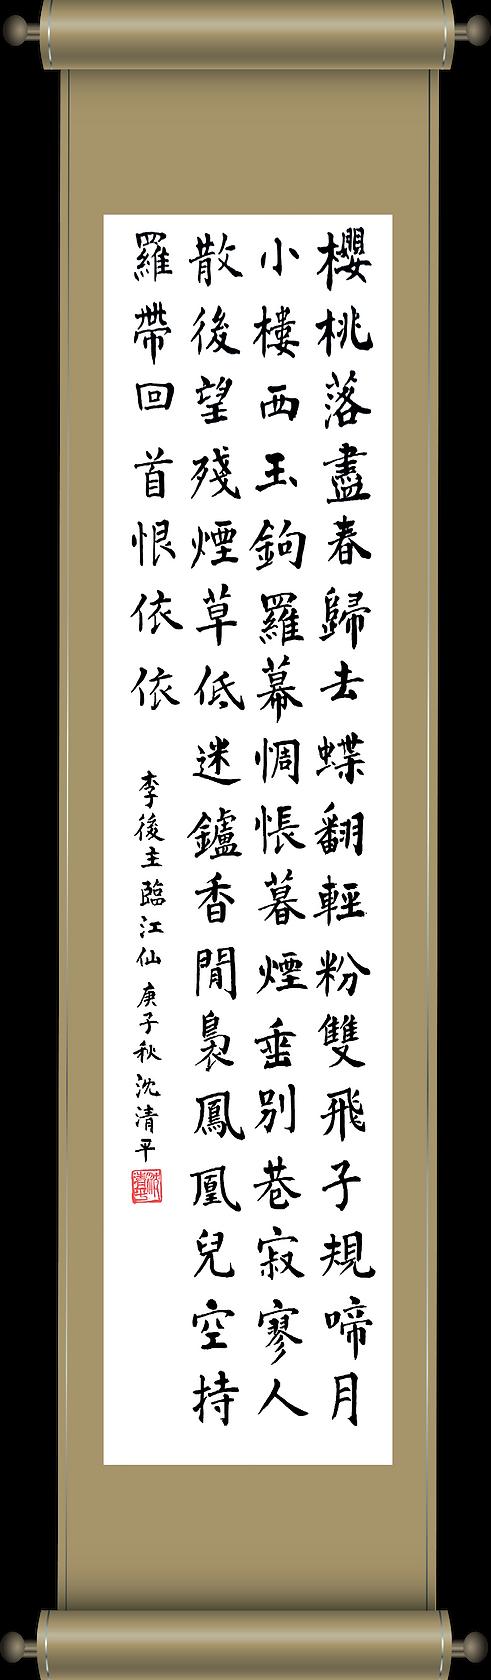 020-沈清平.png